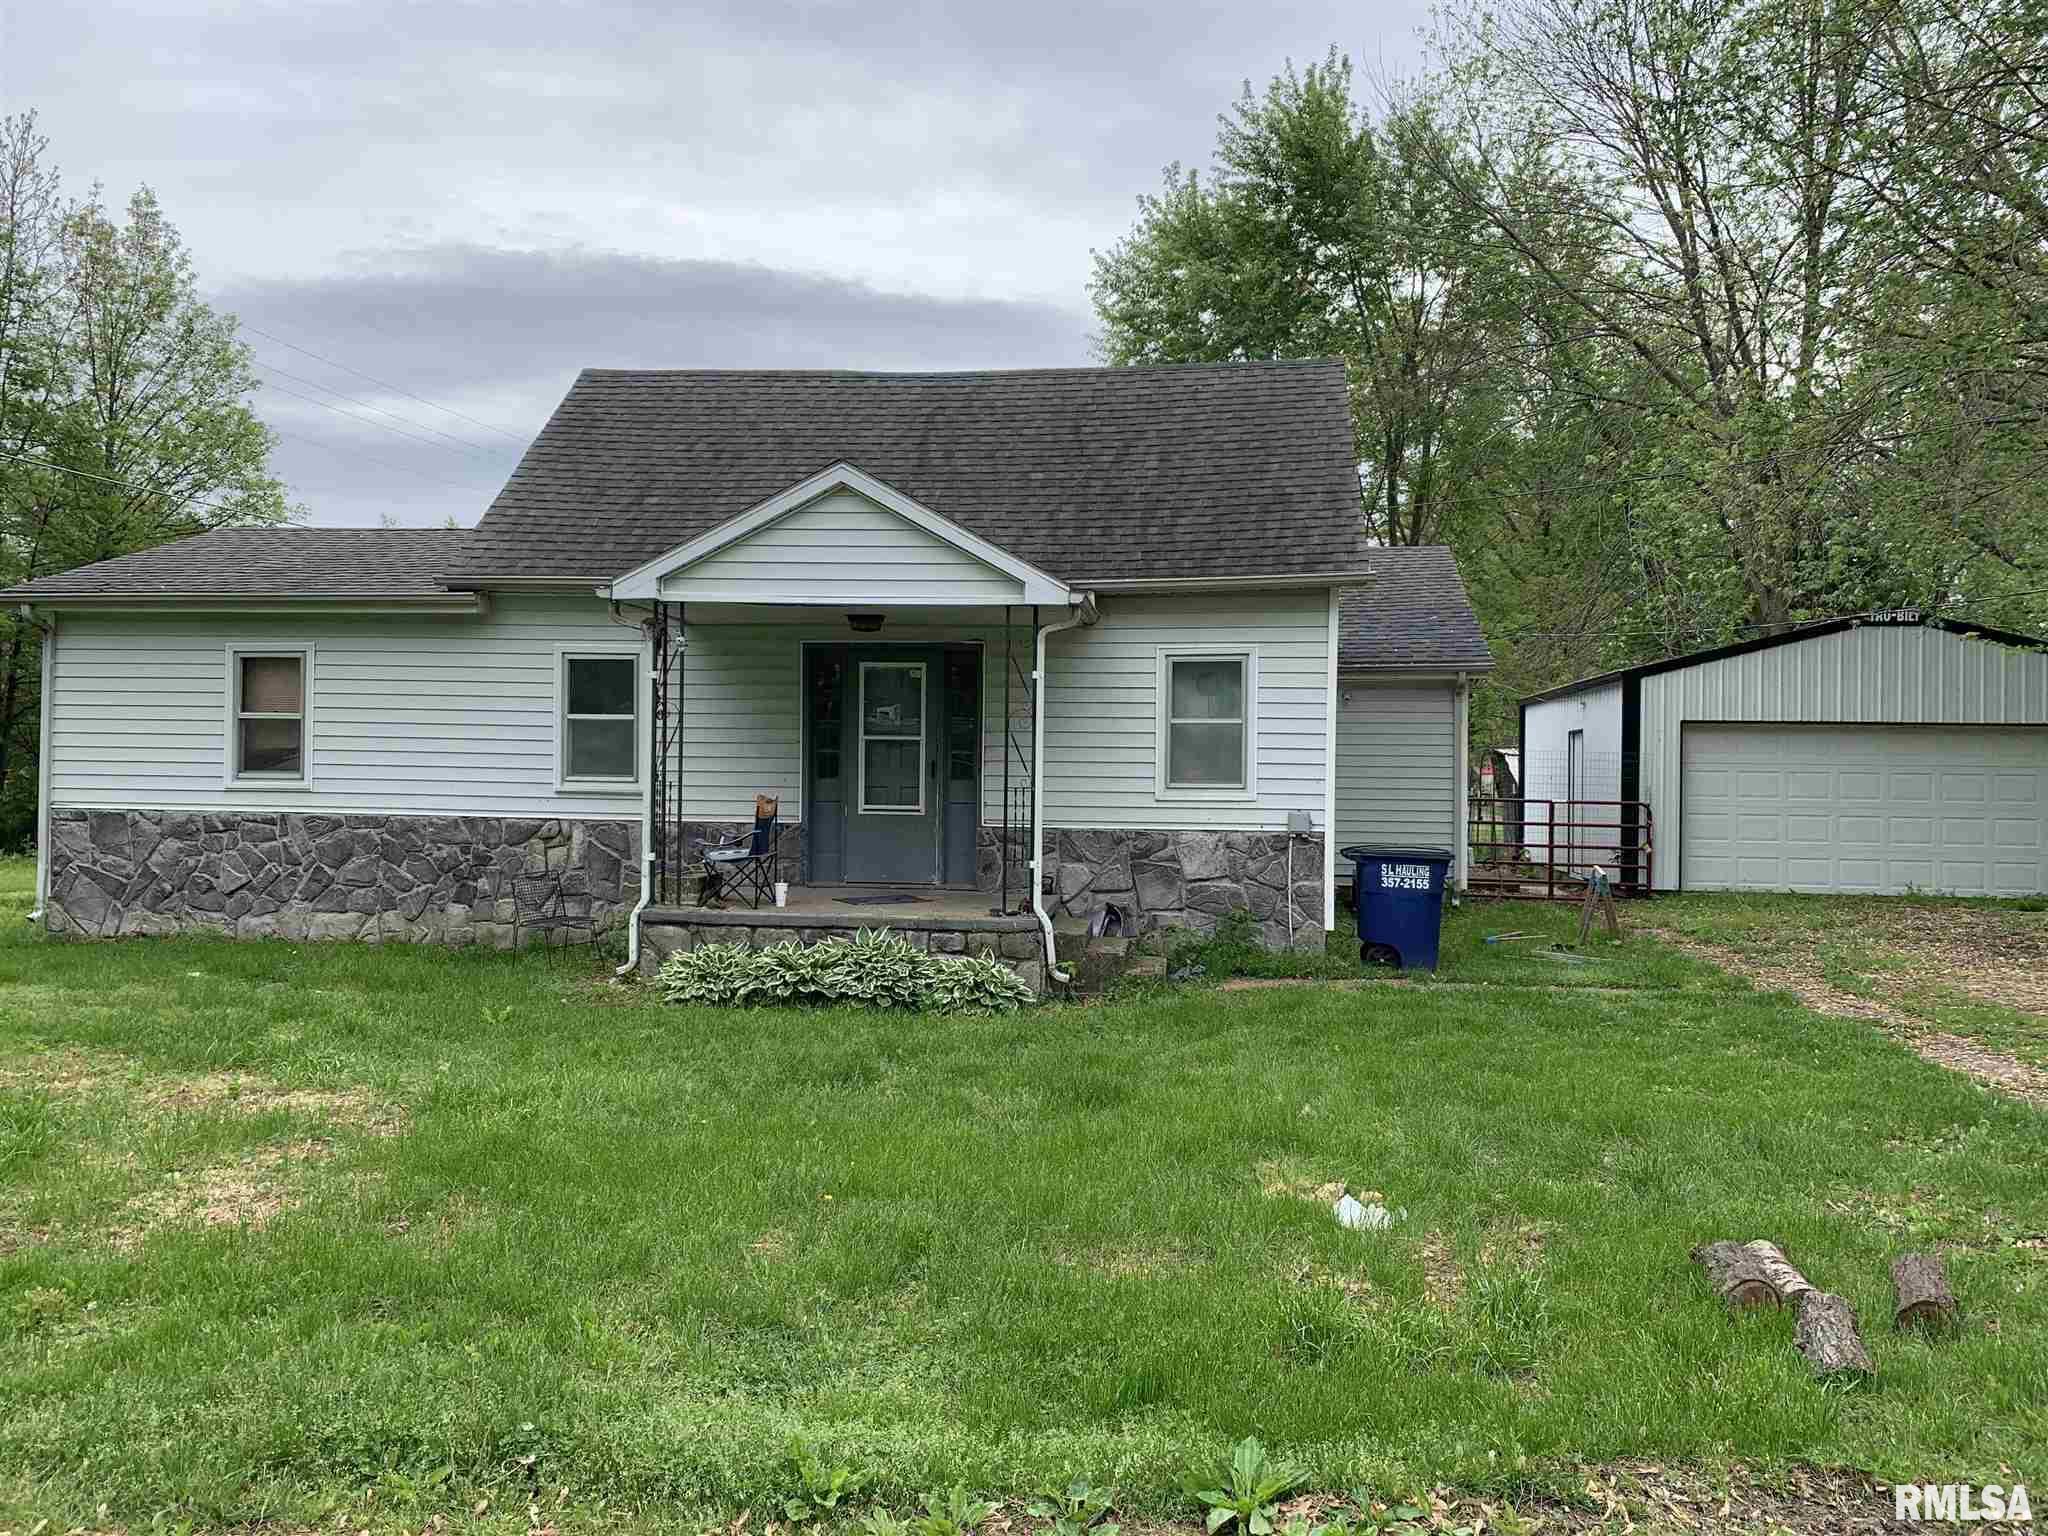 133 E VINE Property Photo - Tamaroa, IL real estate listing